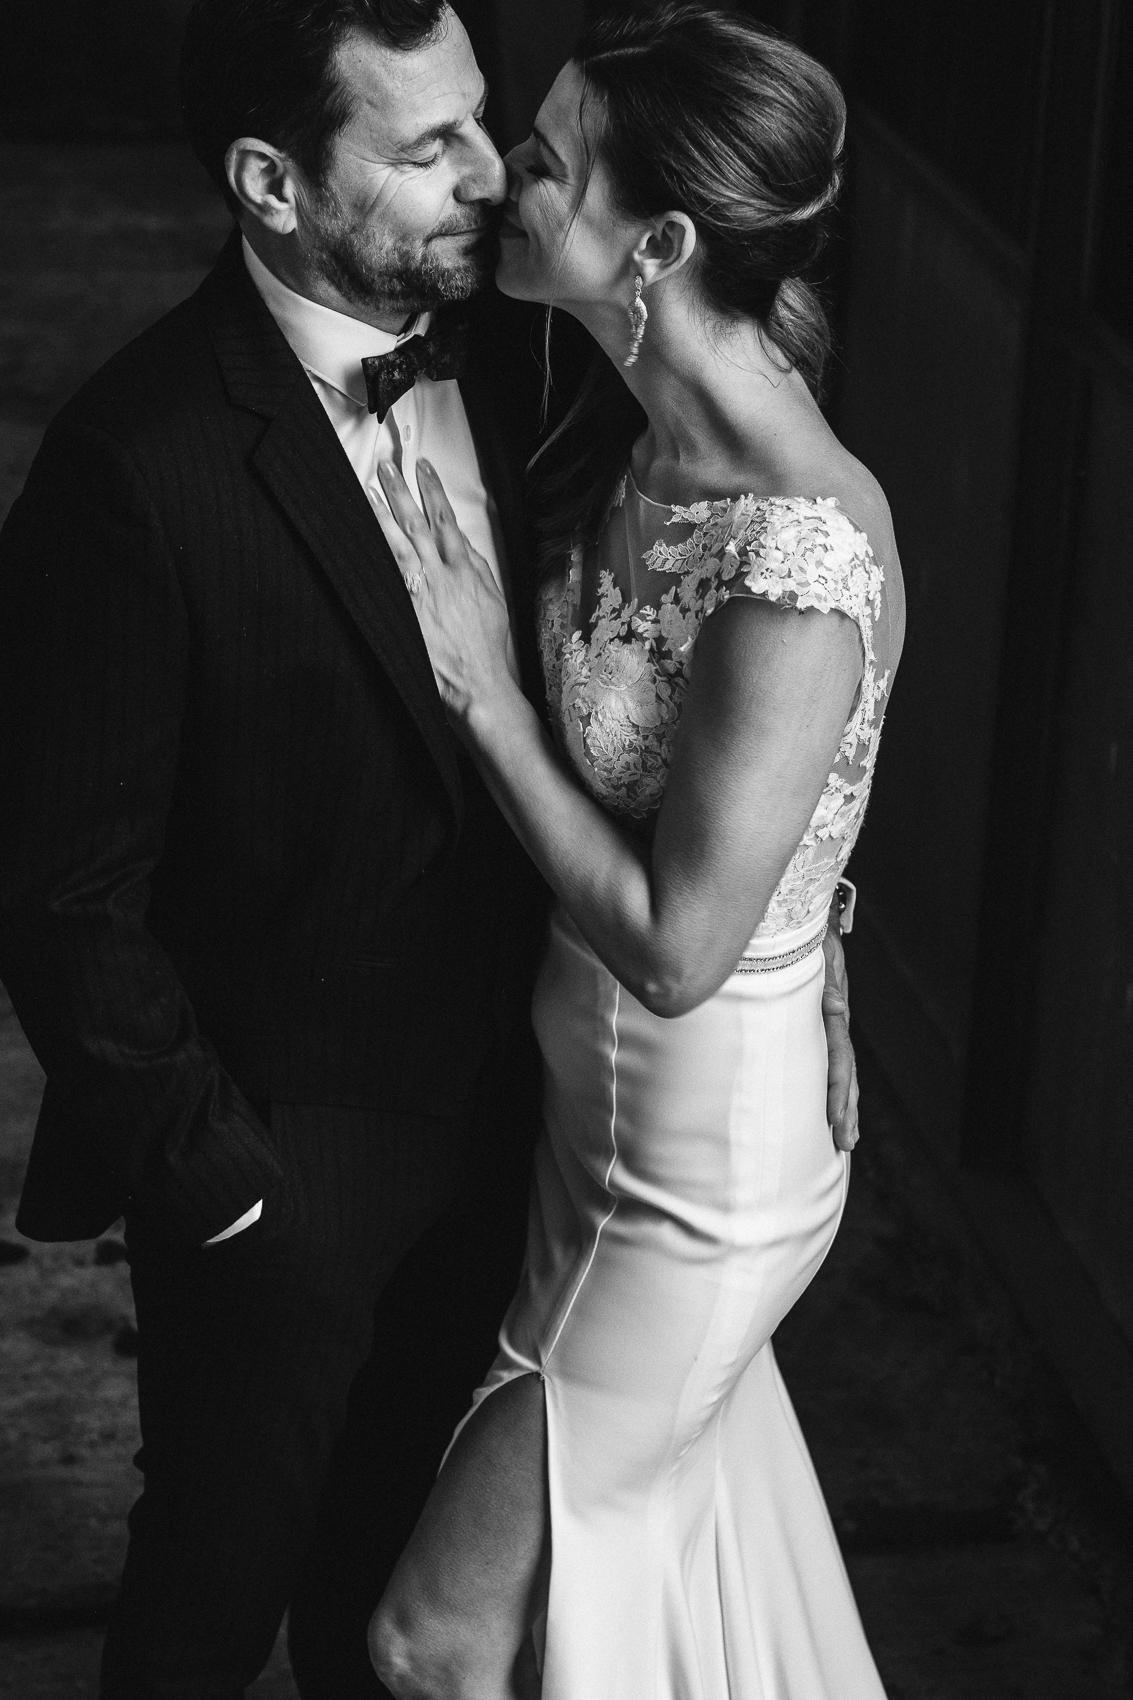 iso800 - huwelijksfotograaf Ina en Erik -39.jpg